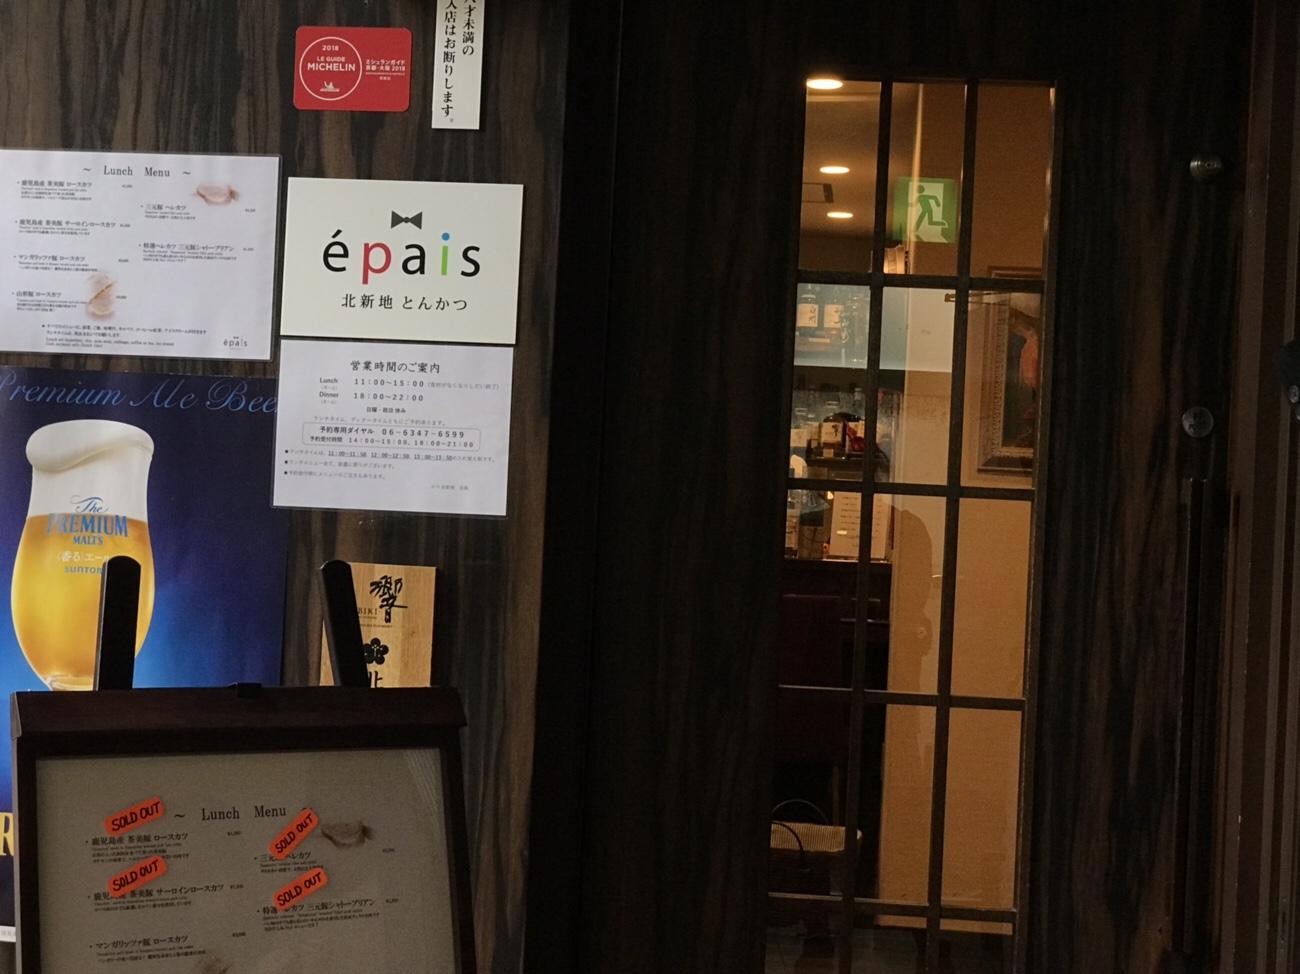 大阪とんかつ有名 epais エペ北新地